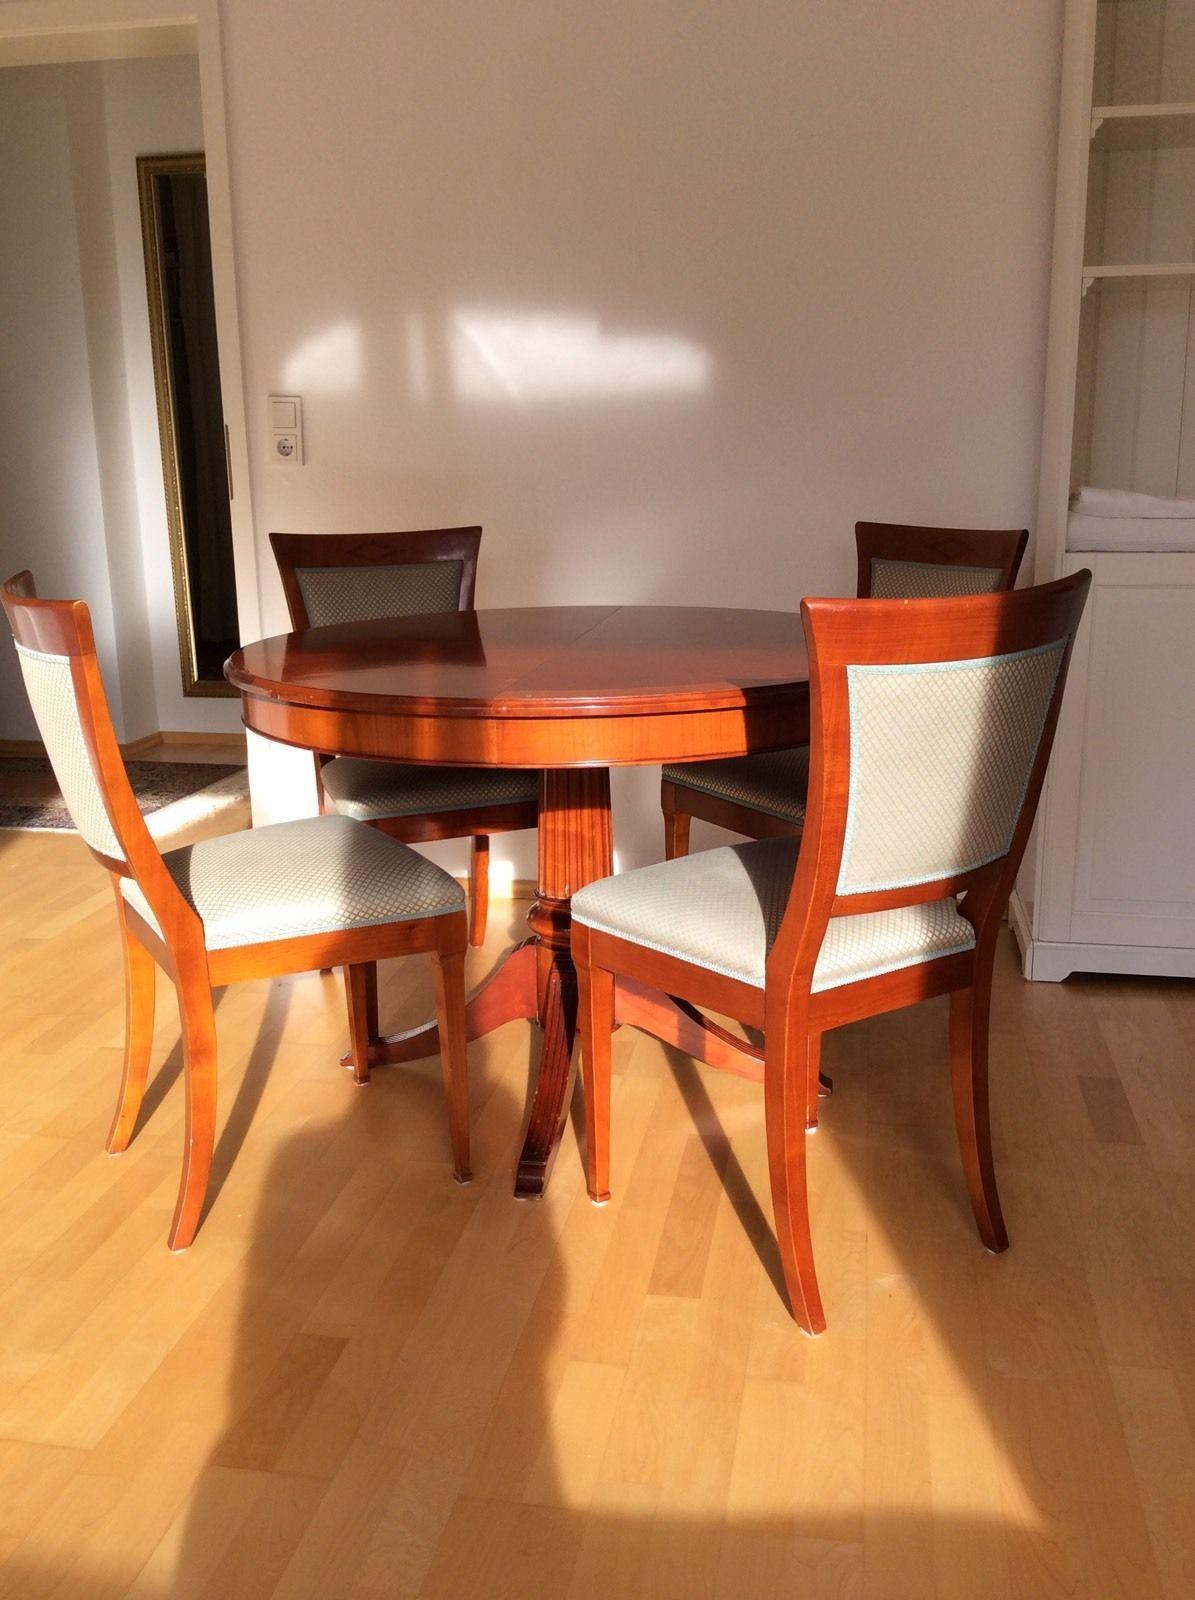 Hochwertige Selva Stil Auszieh- Tisch und 4 Stühle, Ambiente für ...